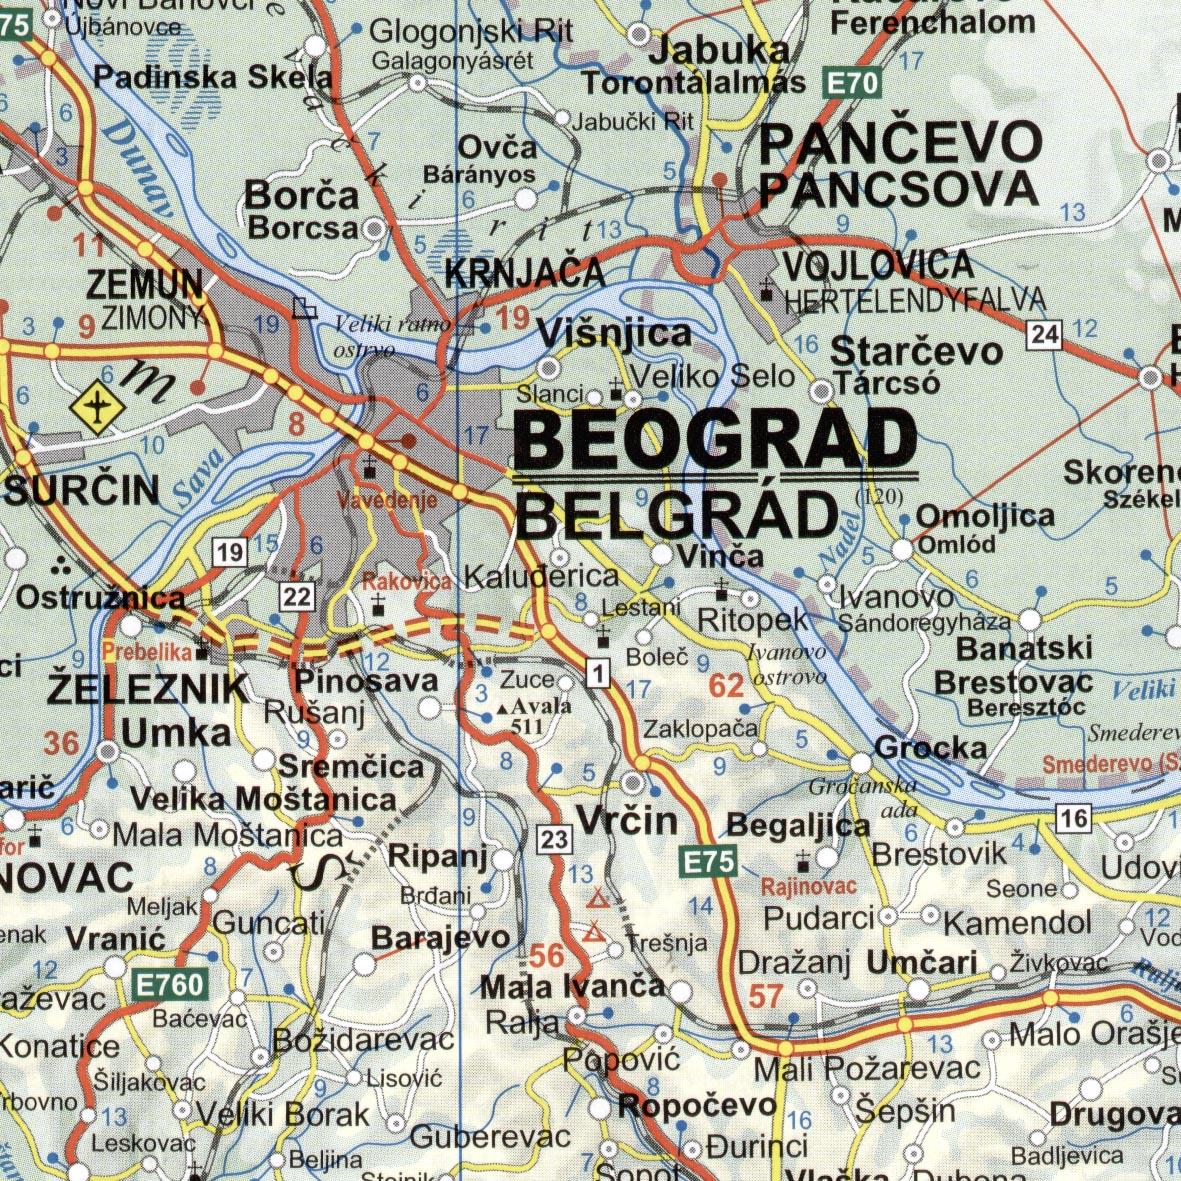 Szerbia-Koszovó-Montenegro mintakivágata